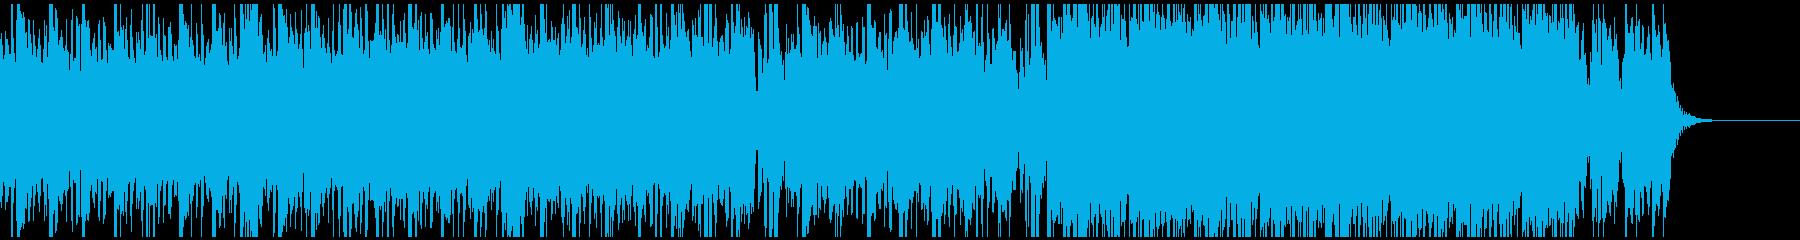 和太鼓と美メロのクワイヤ、ストリングスの再生済みの波形